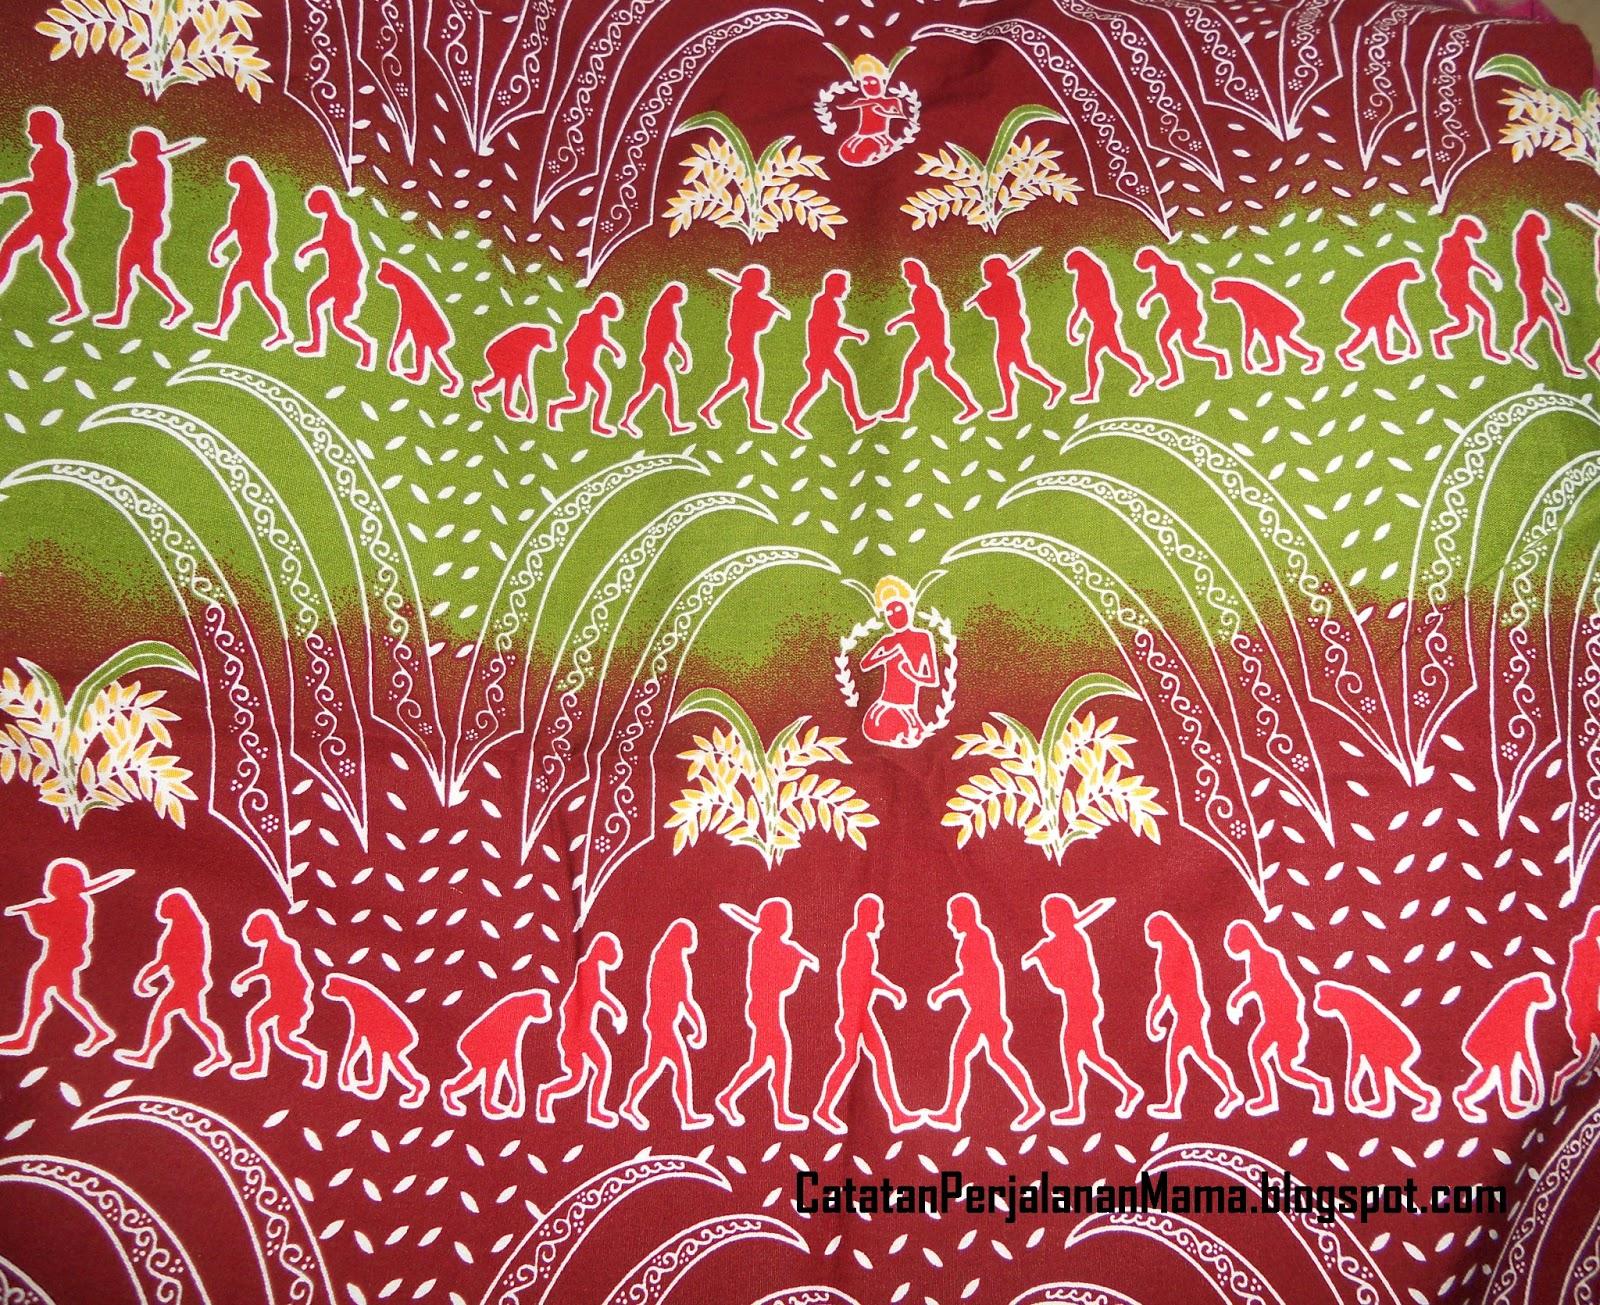 Selepas terobosan batik warna-warni cerah yang mencolok mata yang menjadi  gambaran masyarakat yang bebas berekspresi 5b01e587d7